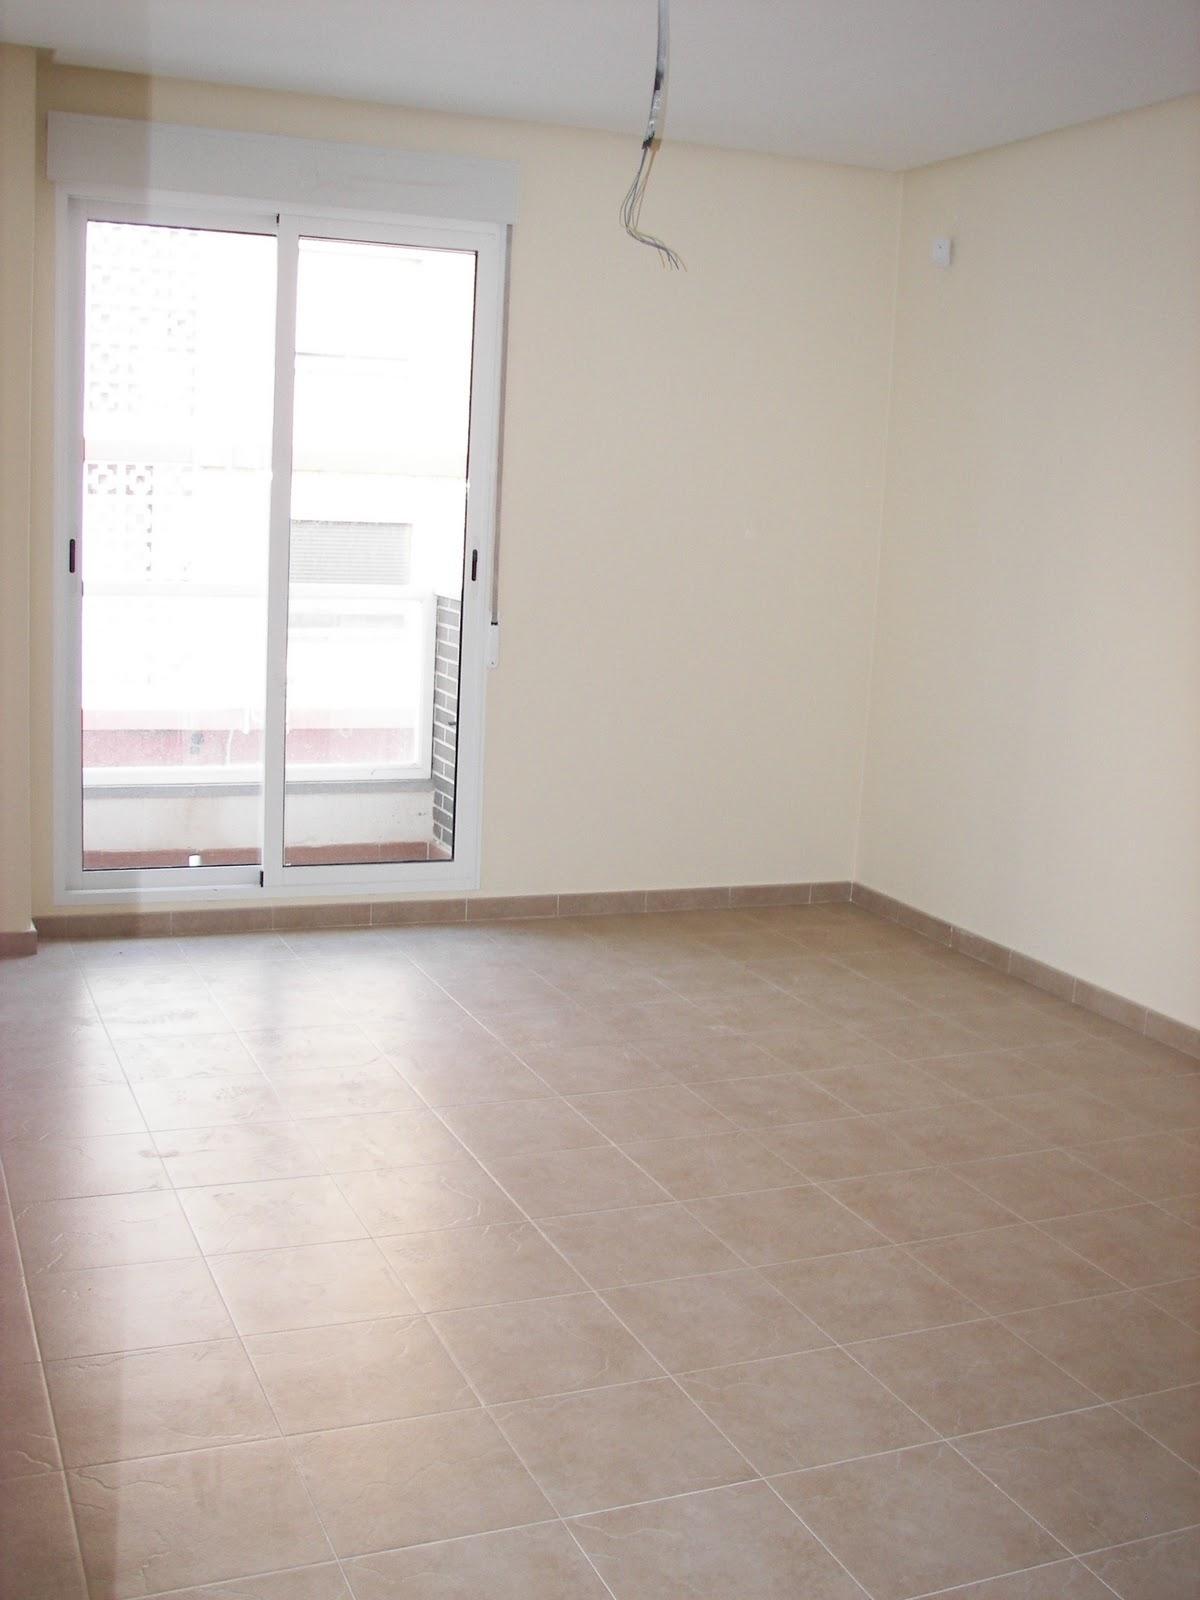 Venta pisos nuevos en pu ol valencia - Pisos nuevos en valencia ...